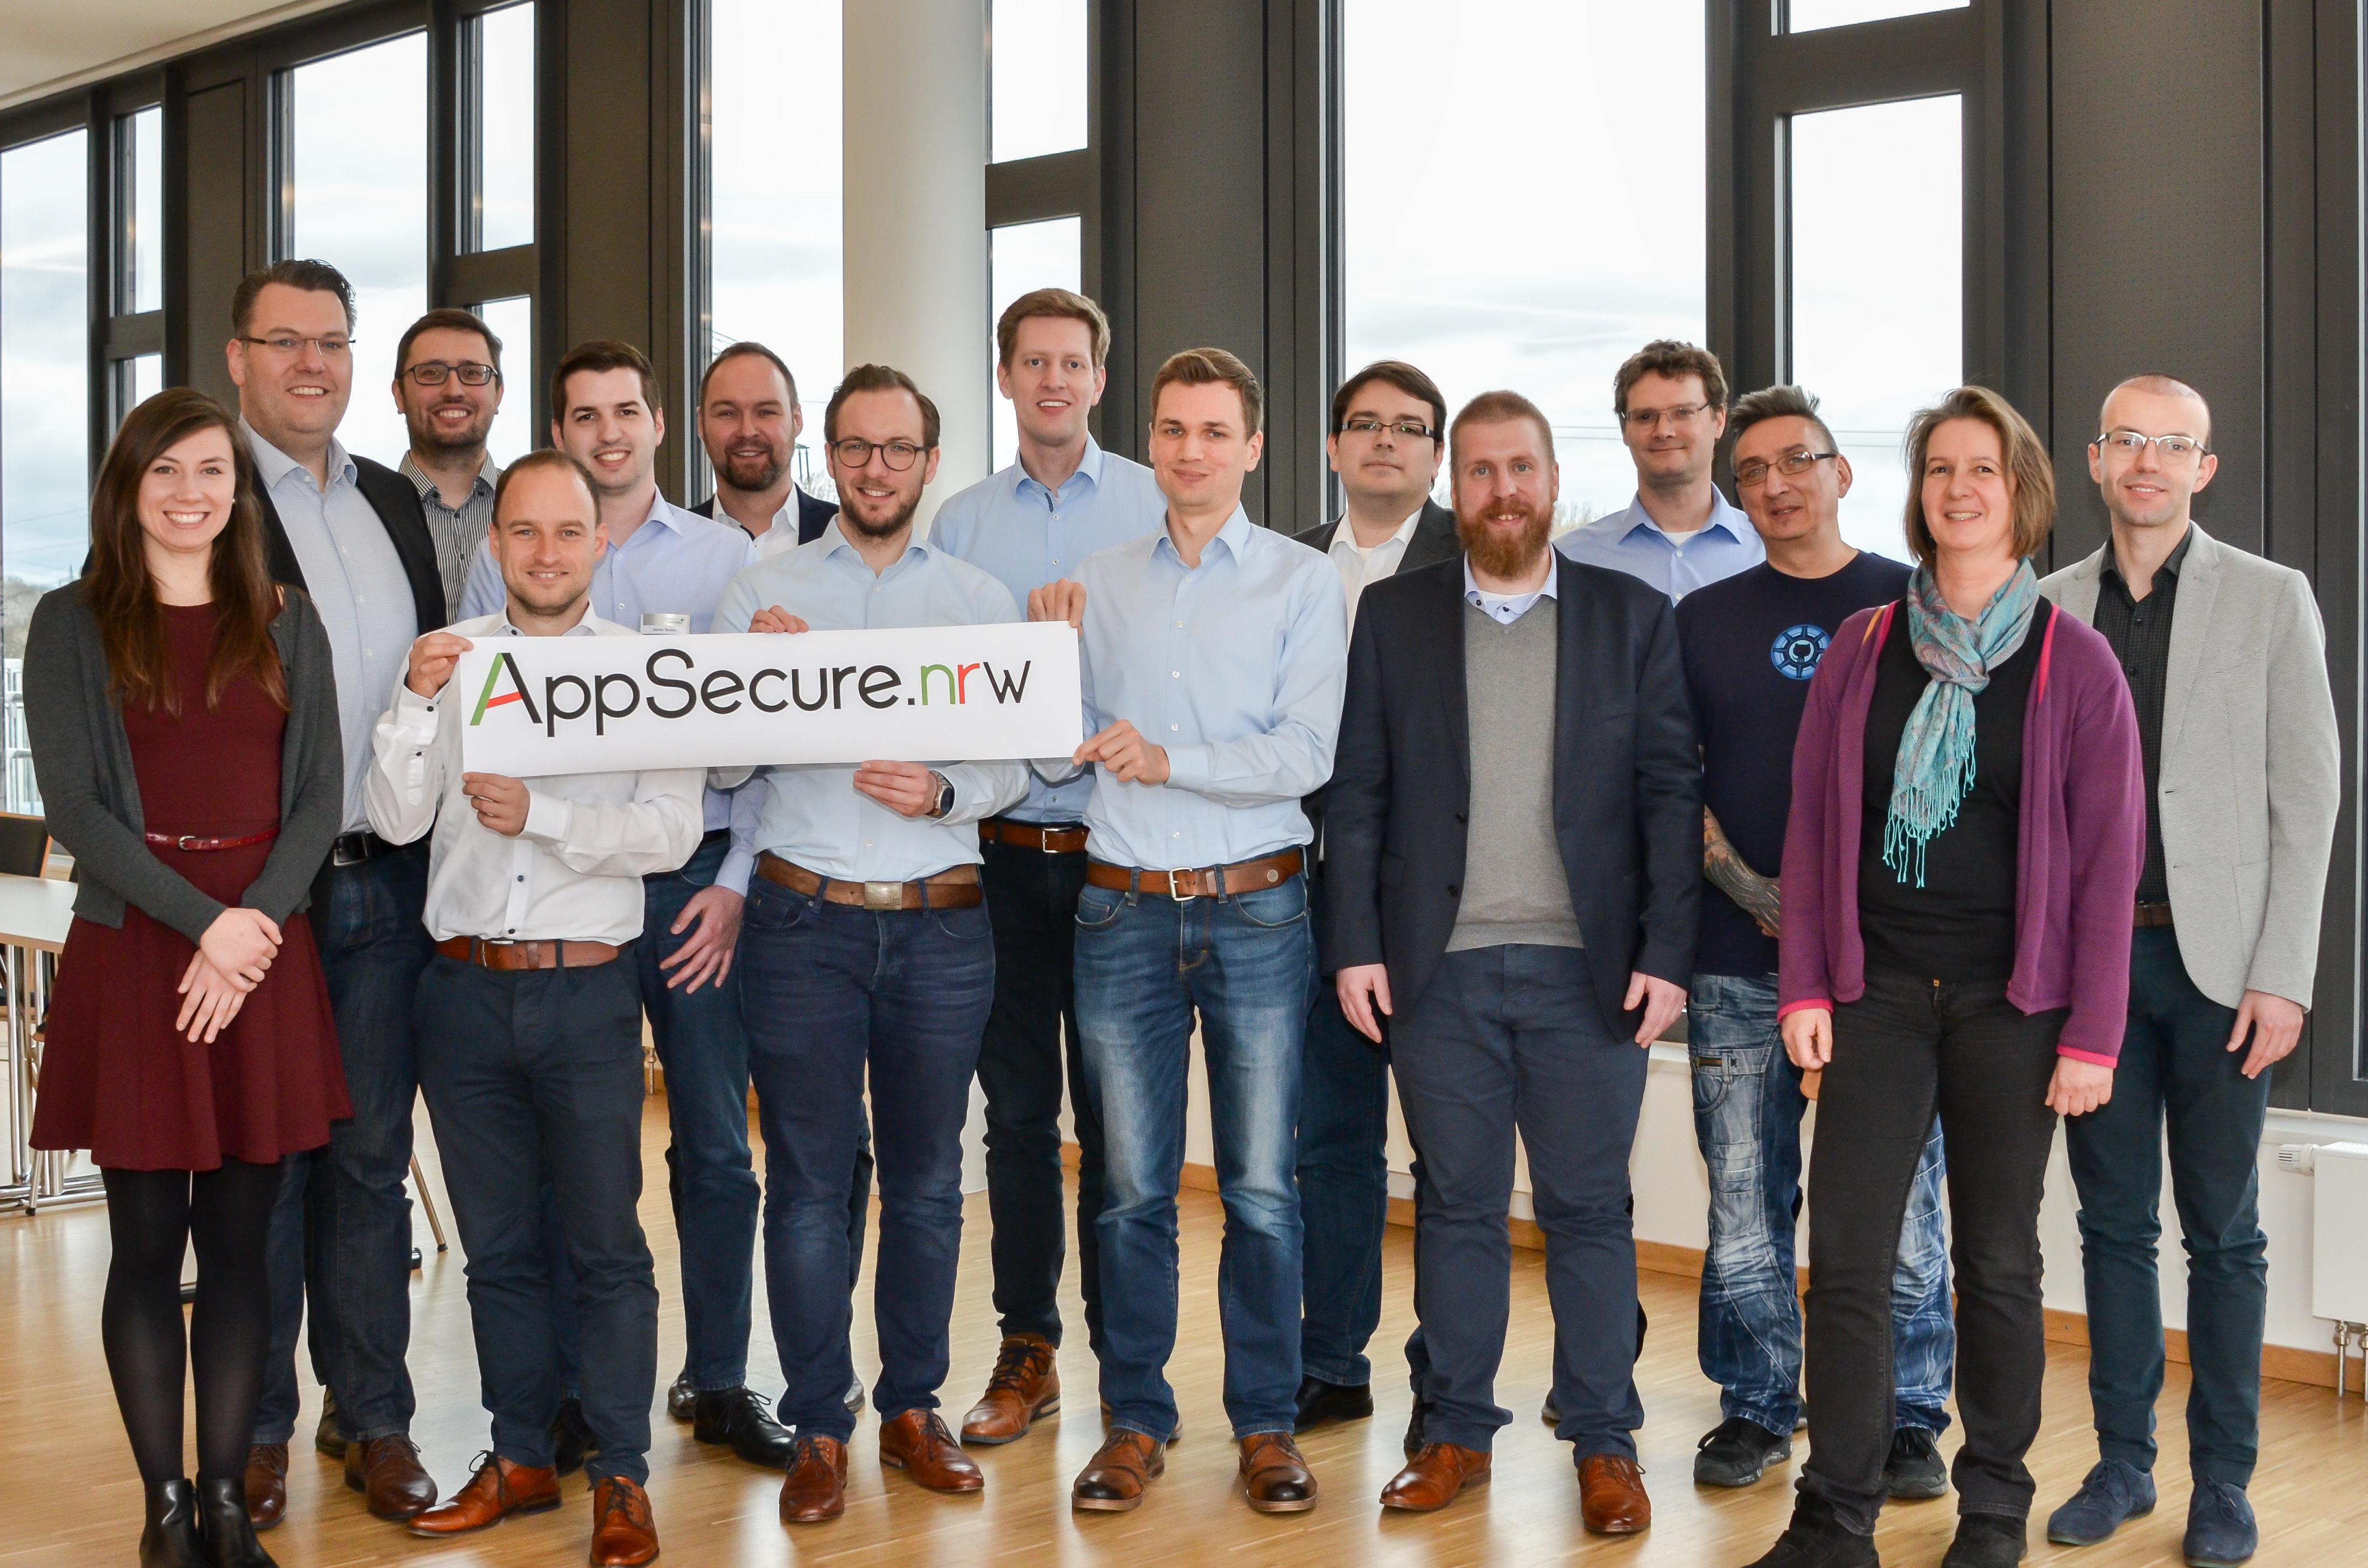 Apps von Grund auf sicher entwickeln: Neues Forschungsprojekt basiert auf dem Ansatz Security by Design